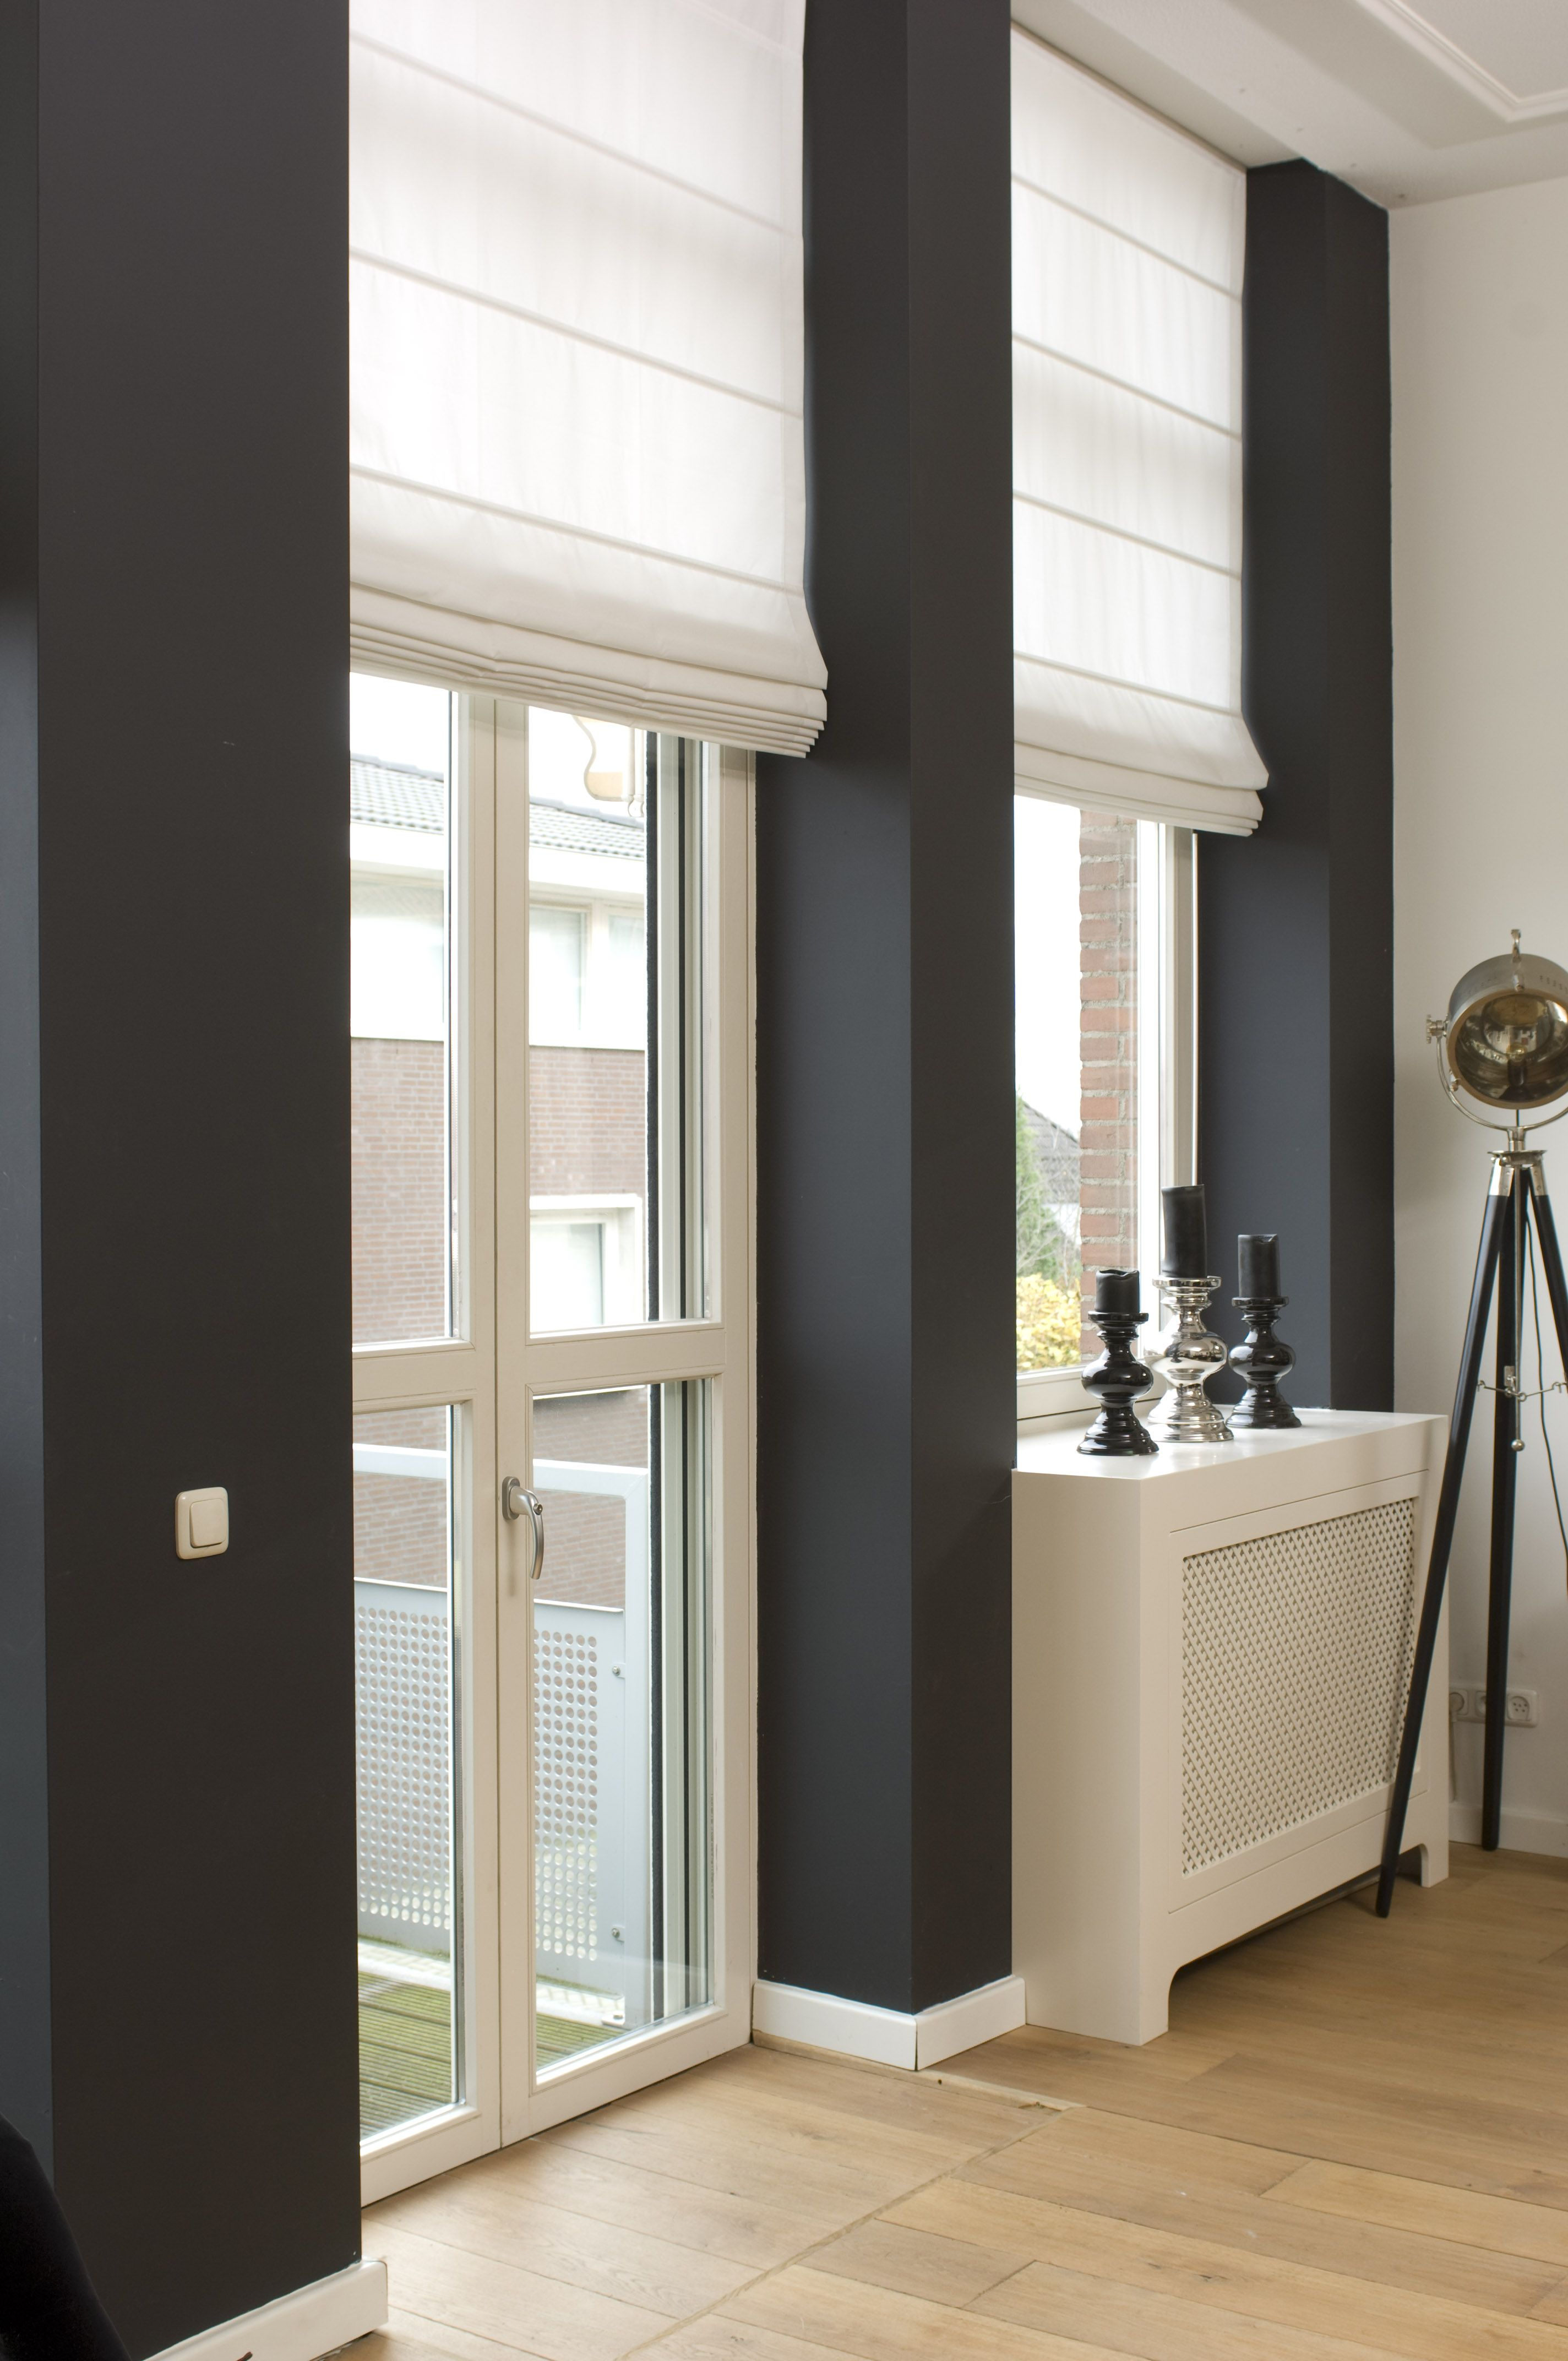 3 stück badezimmer ideen een modern strak interieur met mooie gordijnen  inspirerende